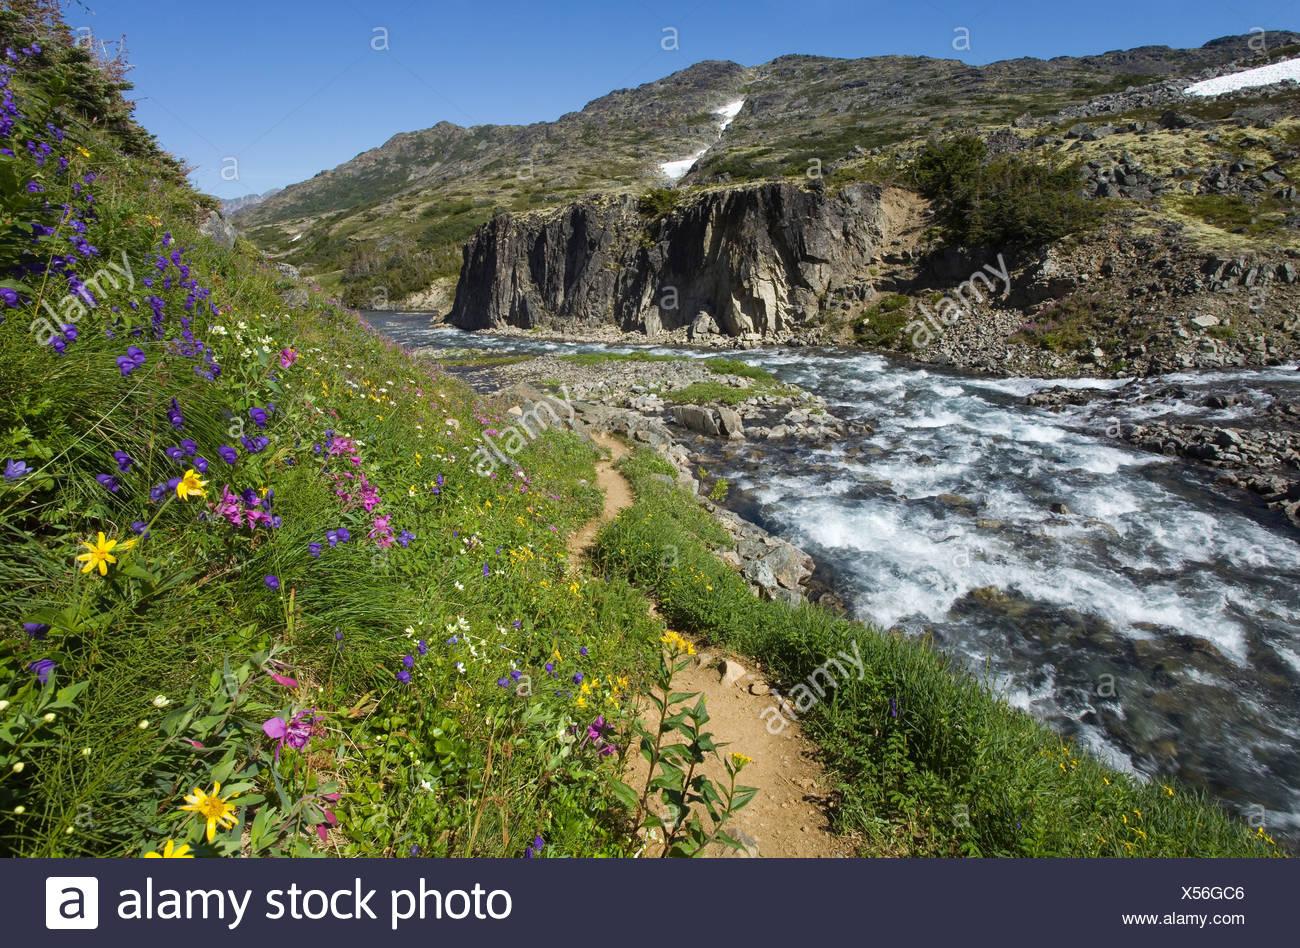 Blooming alpine flowers, historic Chilkoot Pass, Chilkoot Trail, creek behind, alpine tundra, Yukon Territory, British Columbia - Stock Image